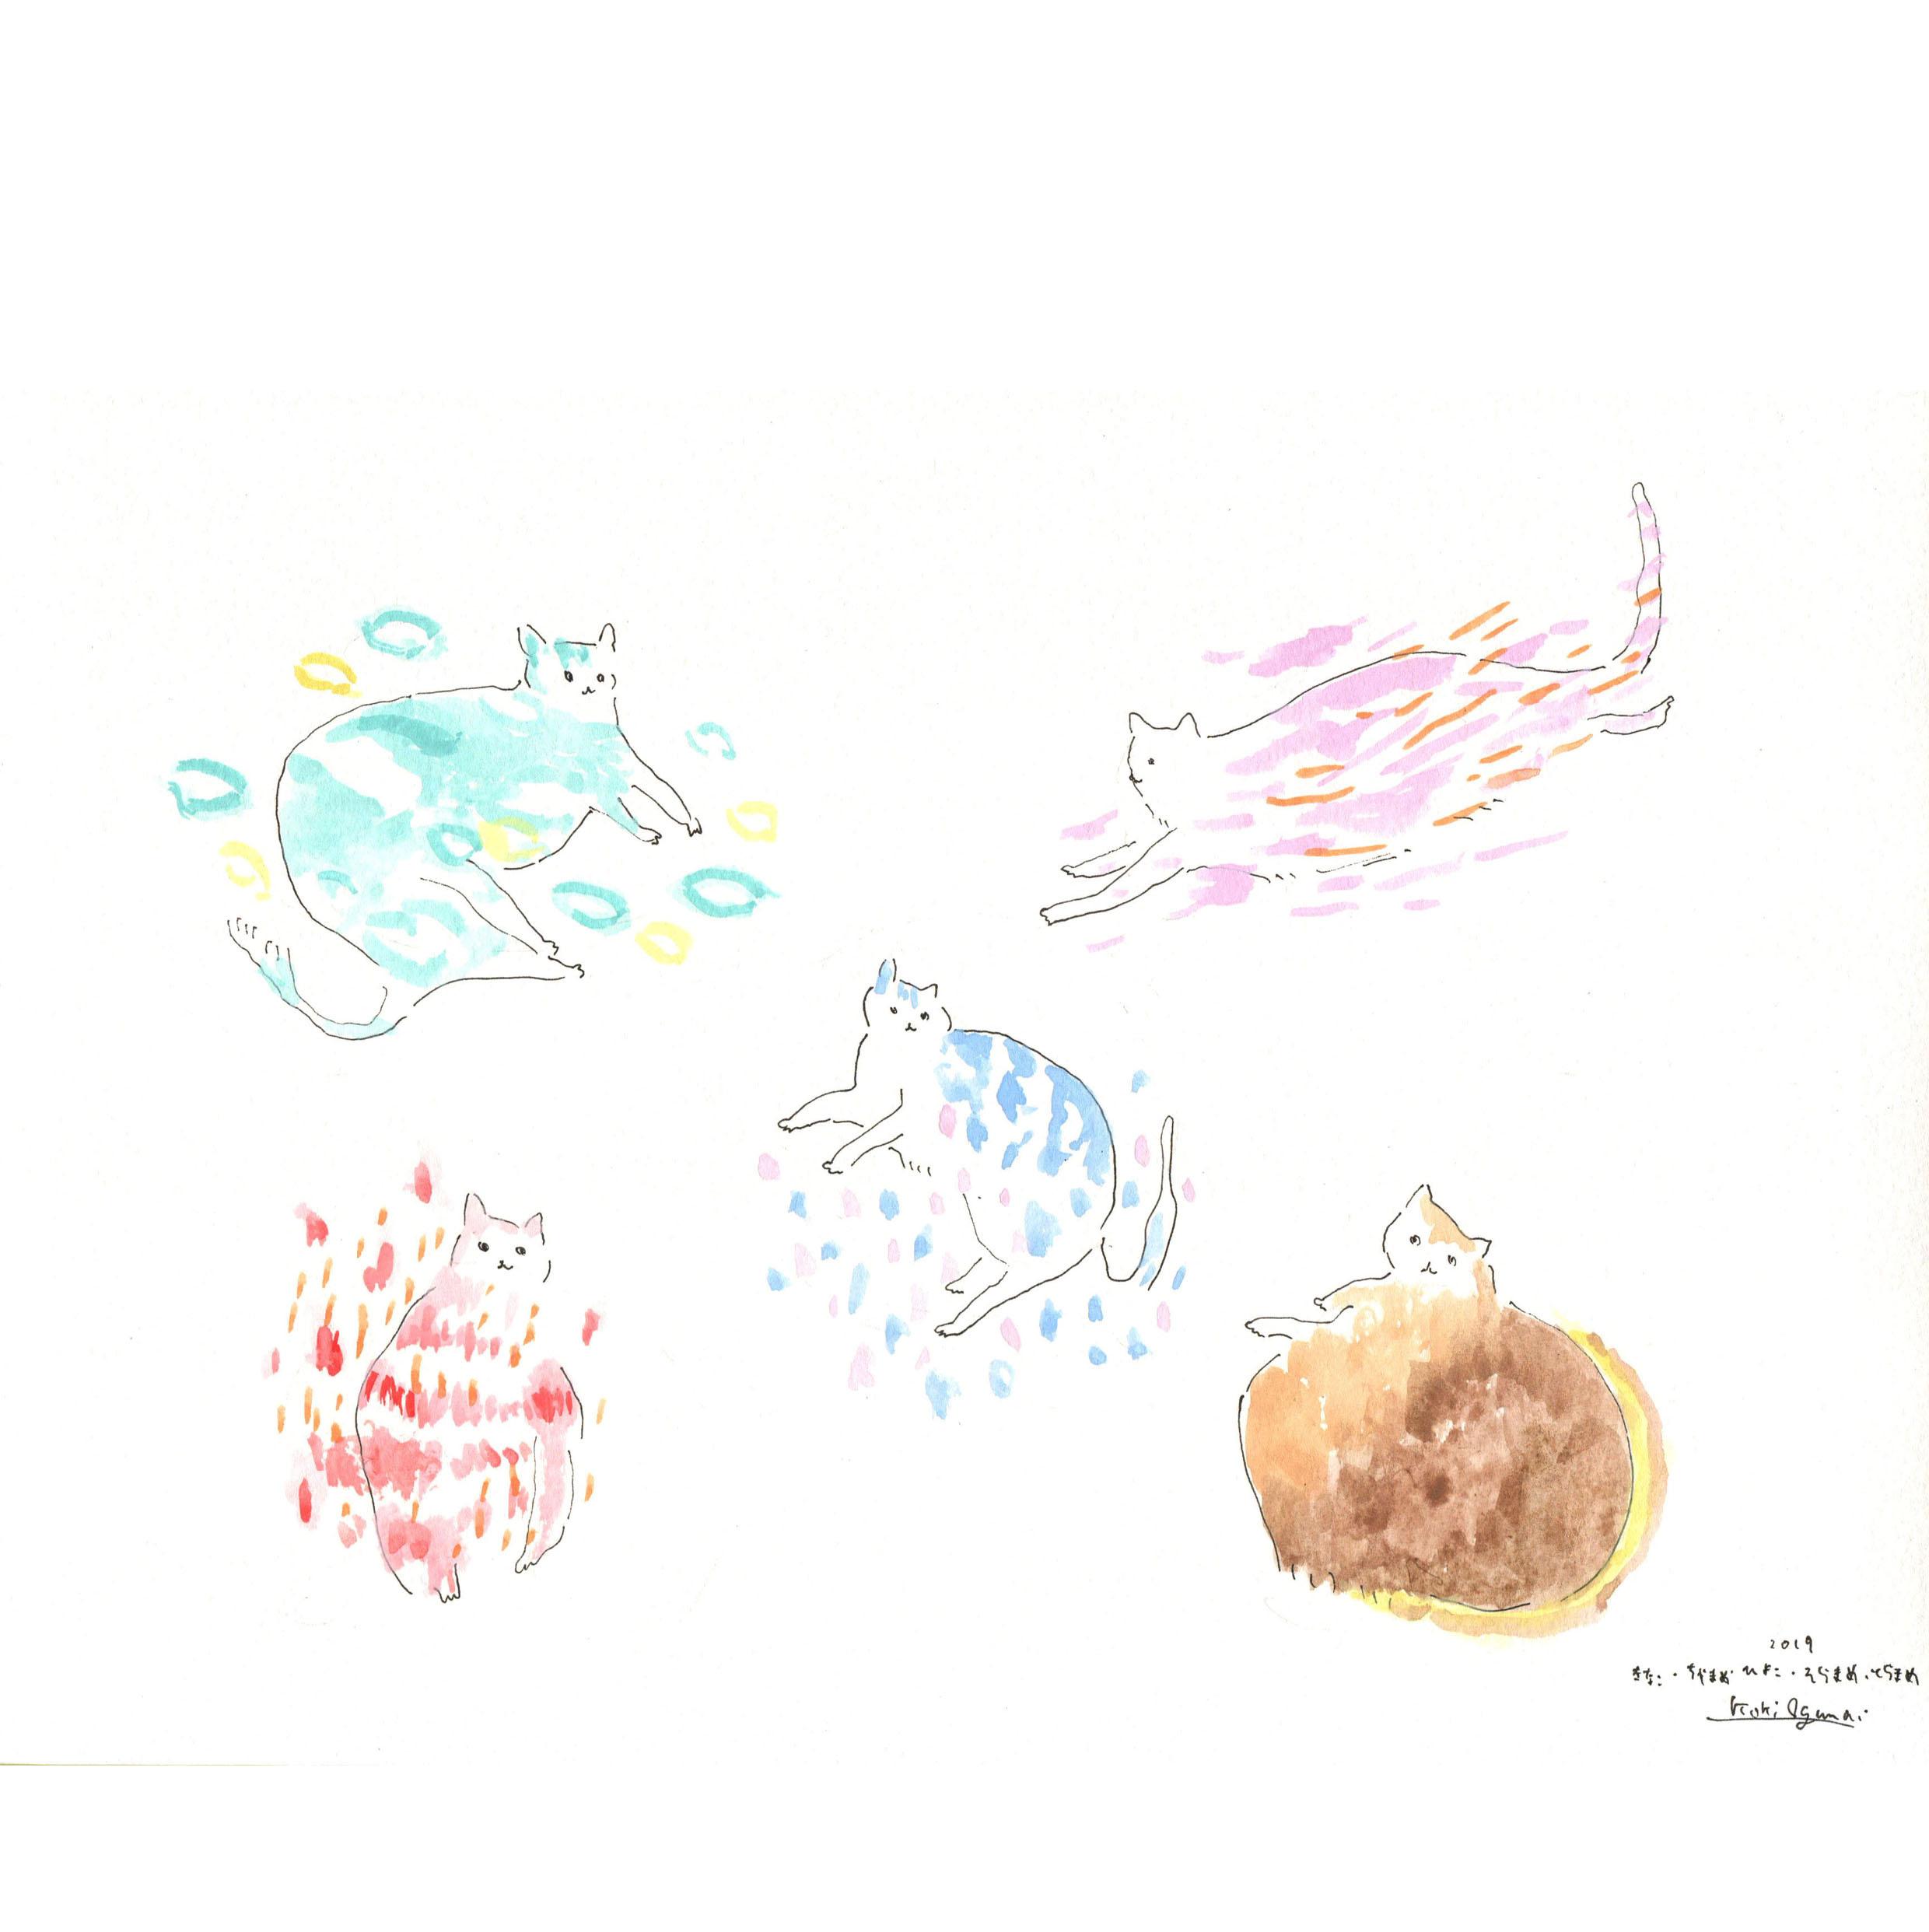 【B5サイズ】空想スケッチ オンライン ~あなたのイメージやストーリーを描きます~